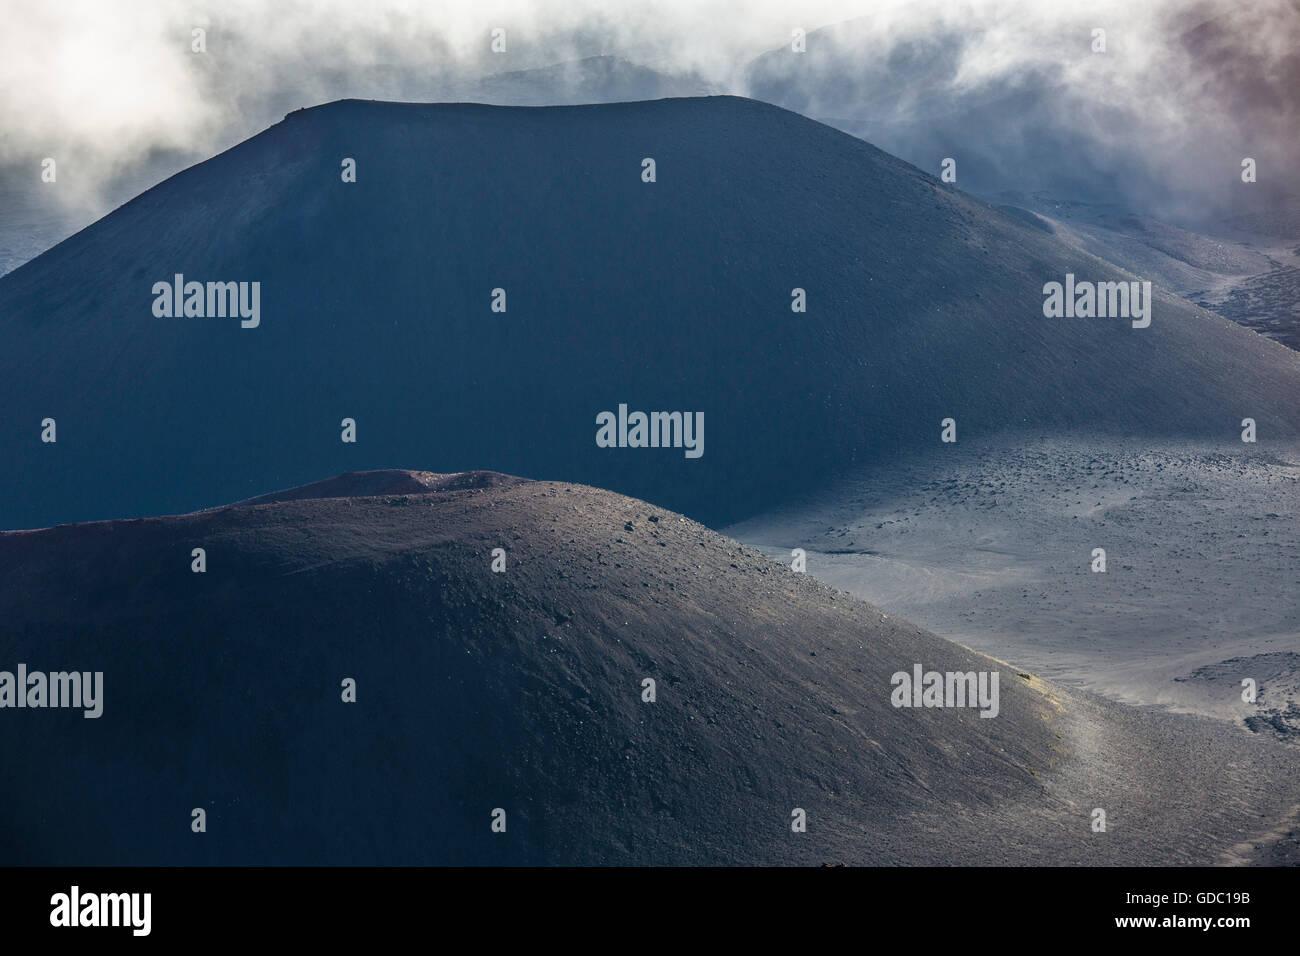 Maui,Haleakala,crater,Maui,USA,Hawaii,America,Volcano, - Stock Image